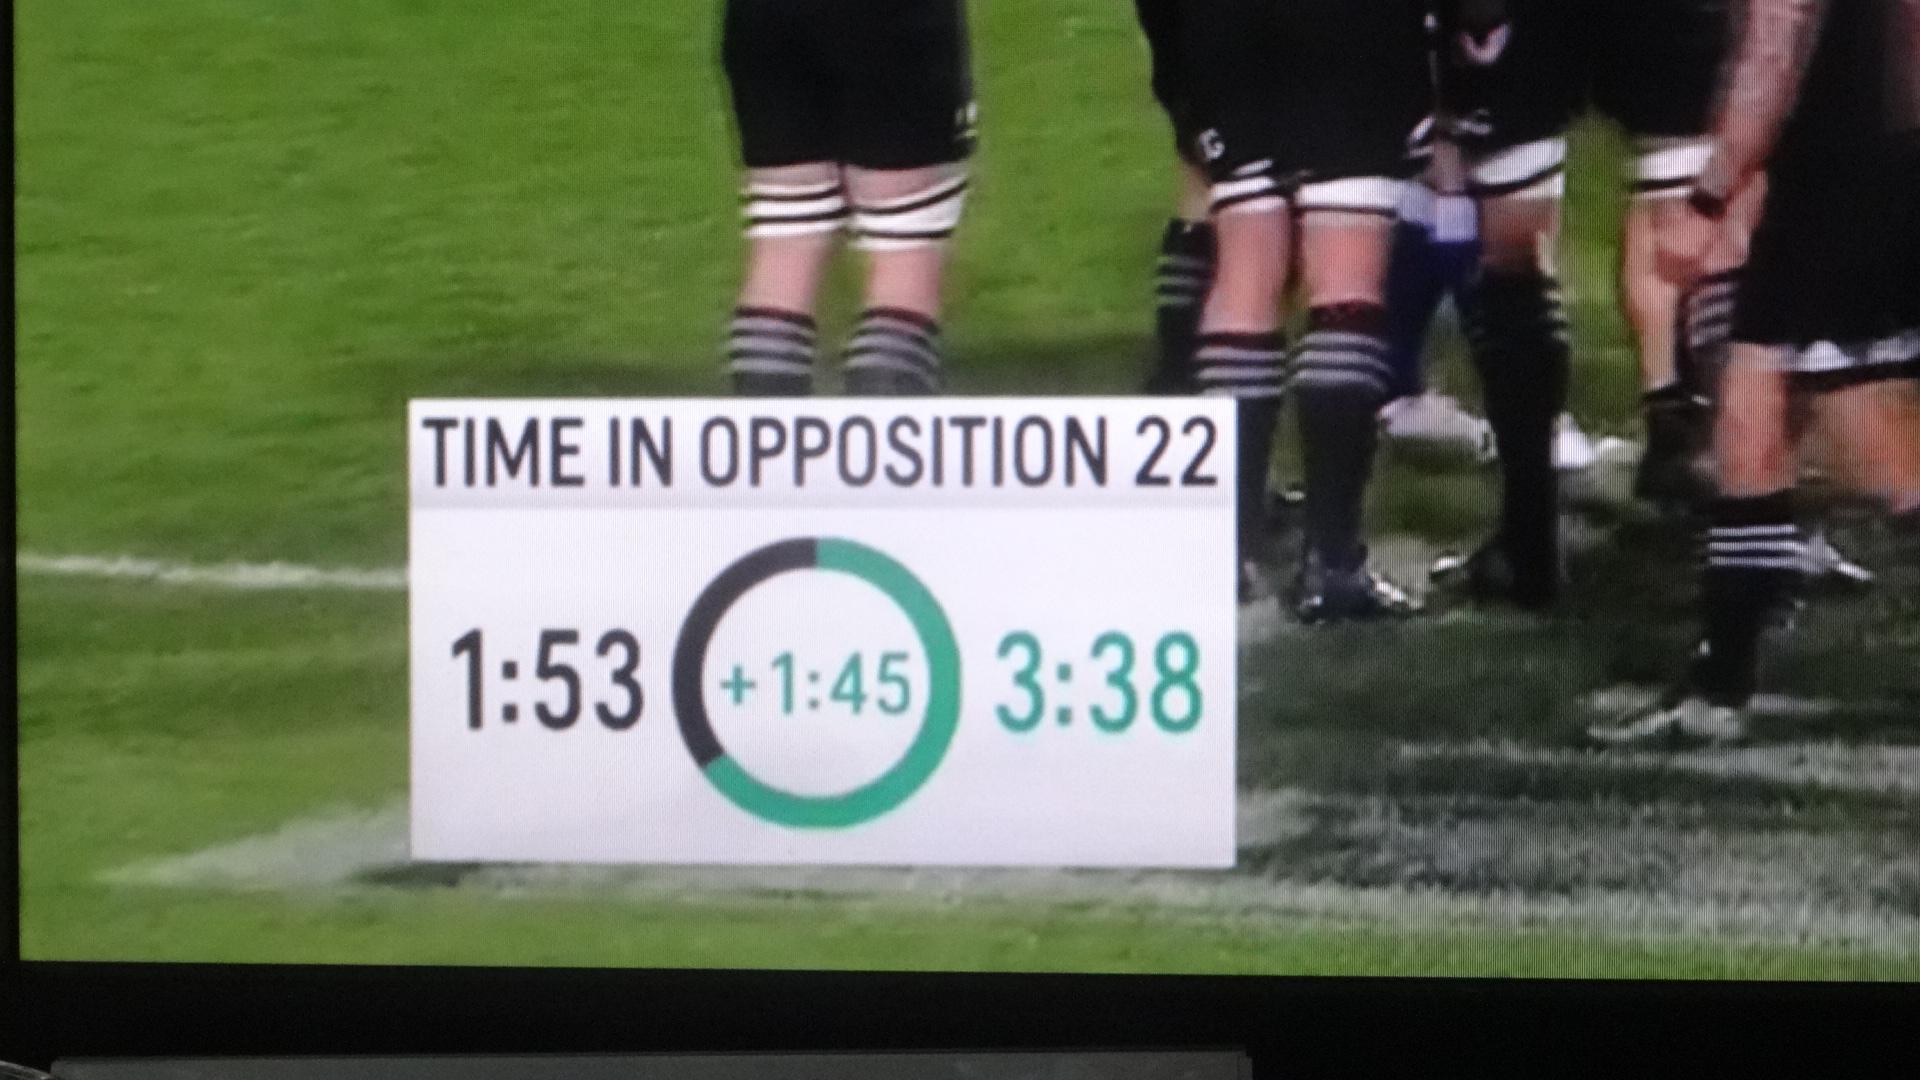 両チームの攻撃時間の比較を示す画面